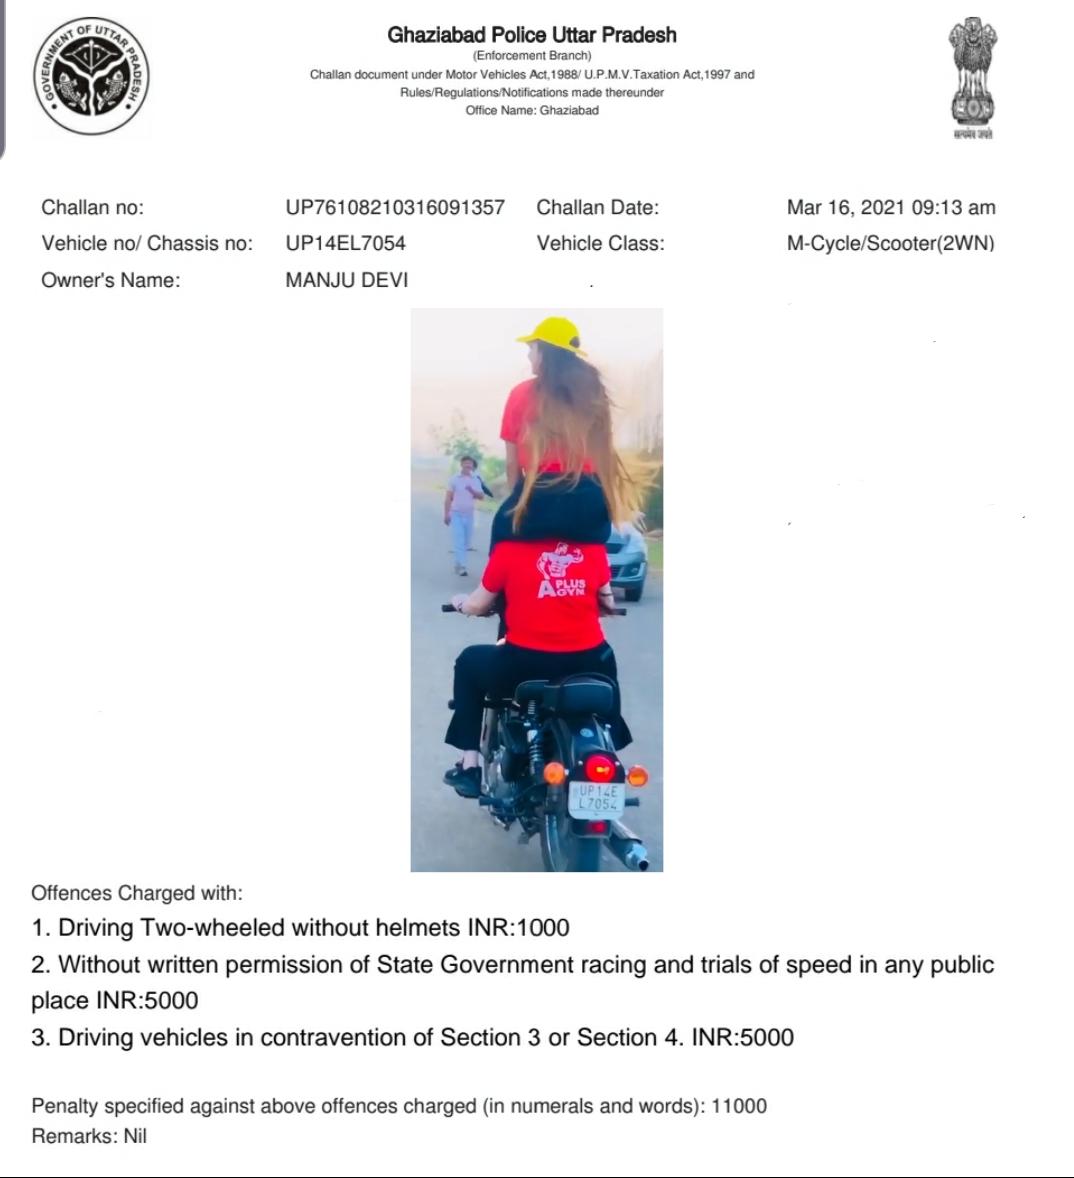 बुलेट पर लड़कियों का खतरनाक स्टंट, पुलिस ने काटा 'पापा की परियों' का चालान